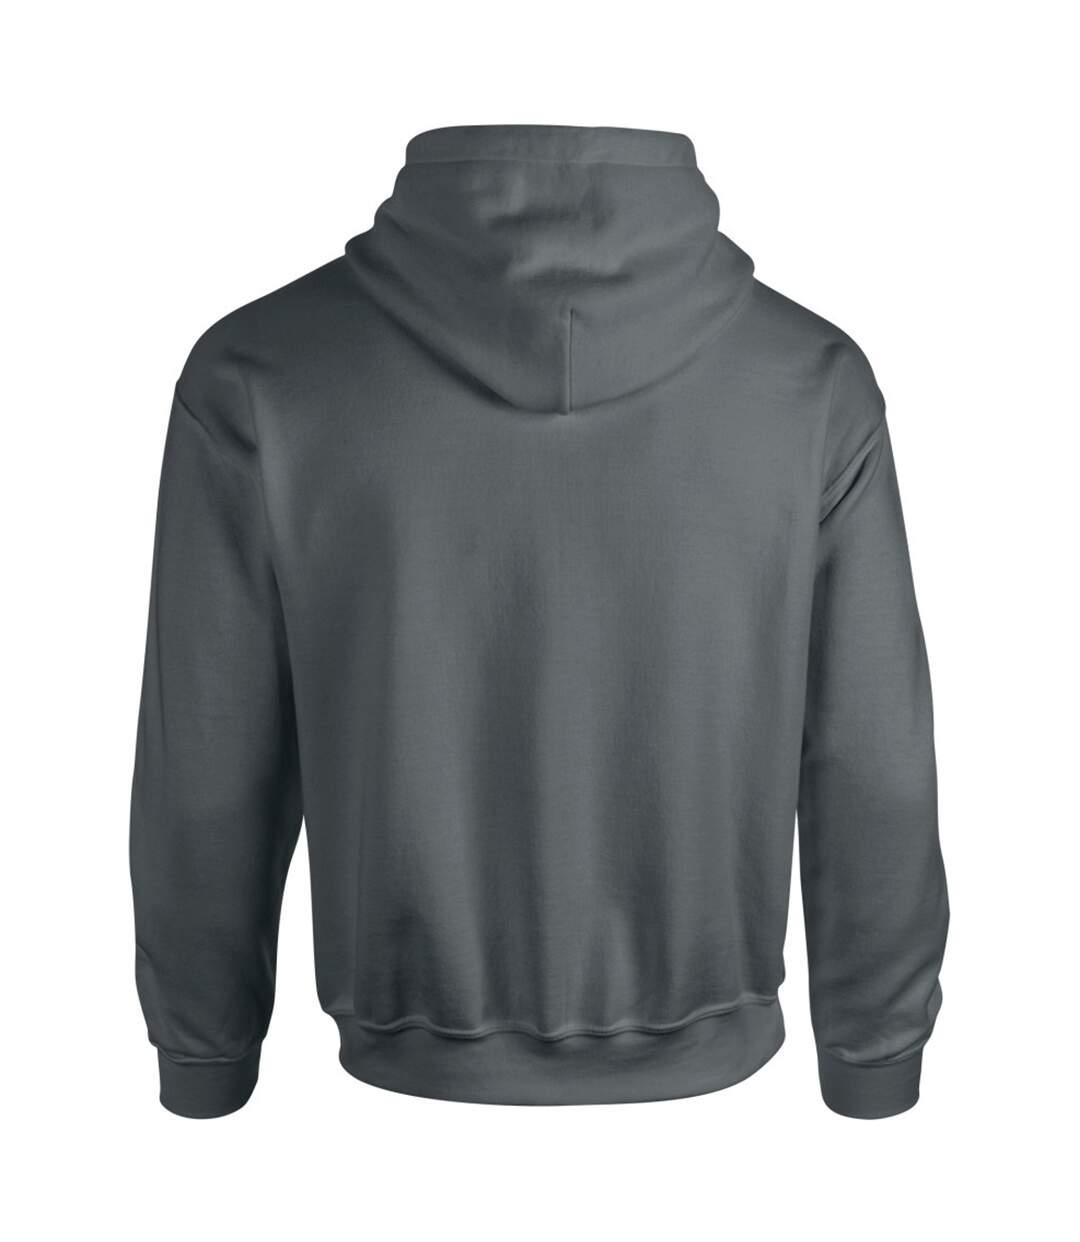 Gildan Heavy Blend Adult Unisex Hooded Sweatshirt / Hoodie (Heather Sport Dark Navy) - UTBC468